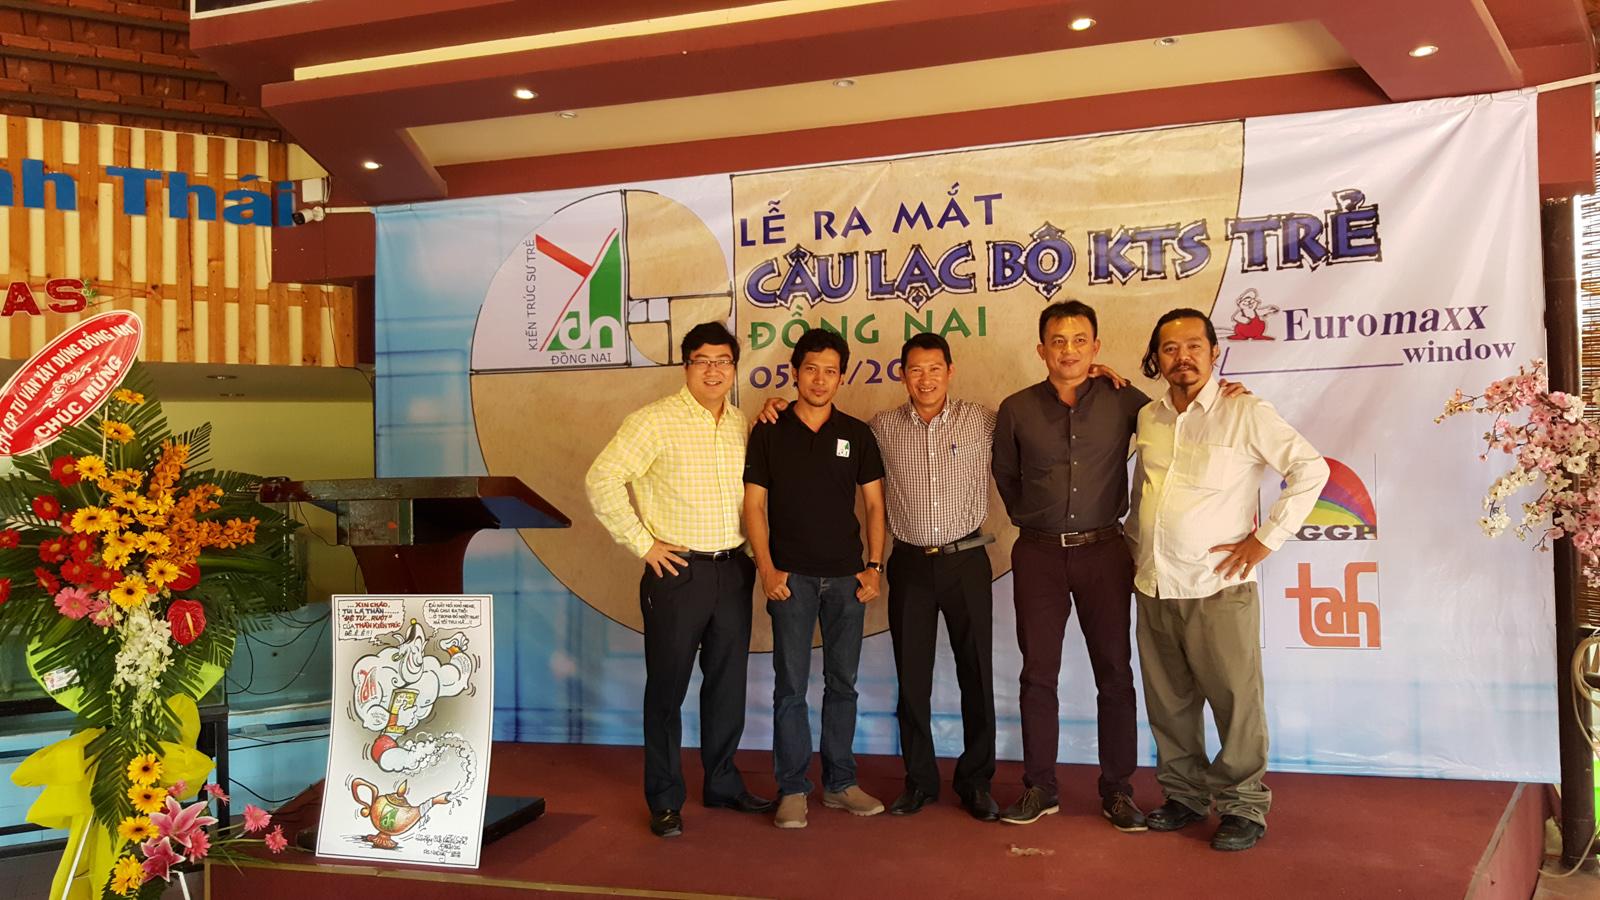 Ban điều hành CLB KTS trẻ toàn quốc tham dự Lễ ra mắt CLB KTS trẻ Đồng Nai